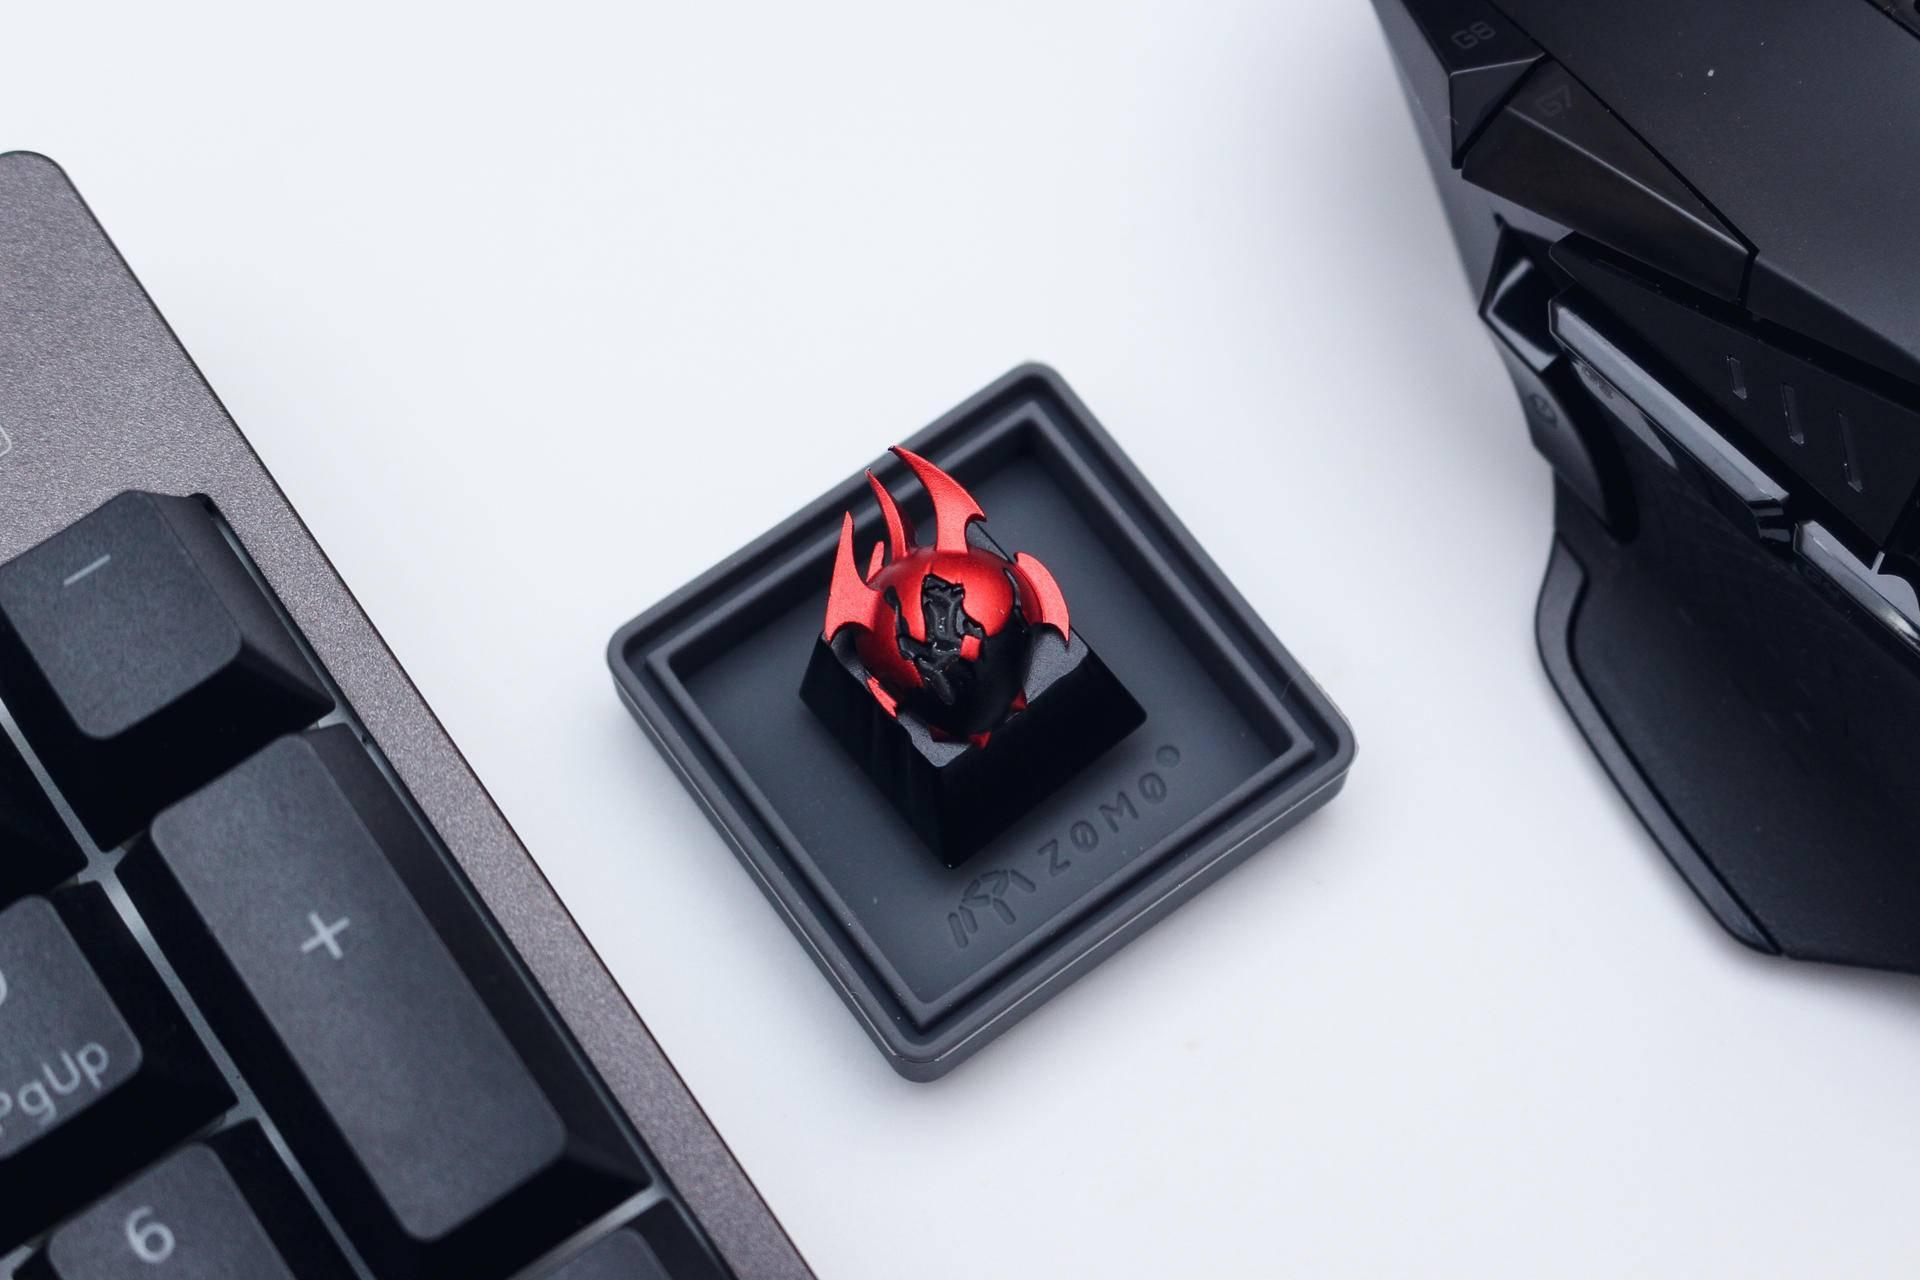 是不是傻,一把键盘的钱只买了一颗键帽?插图(24)